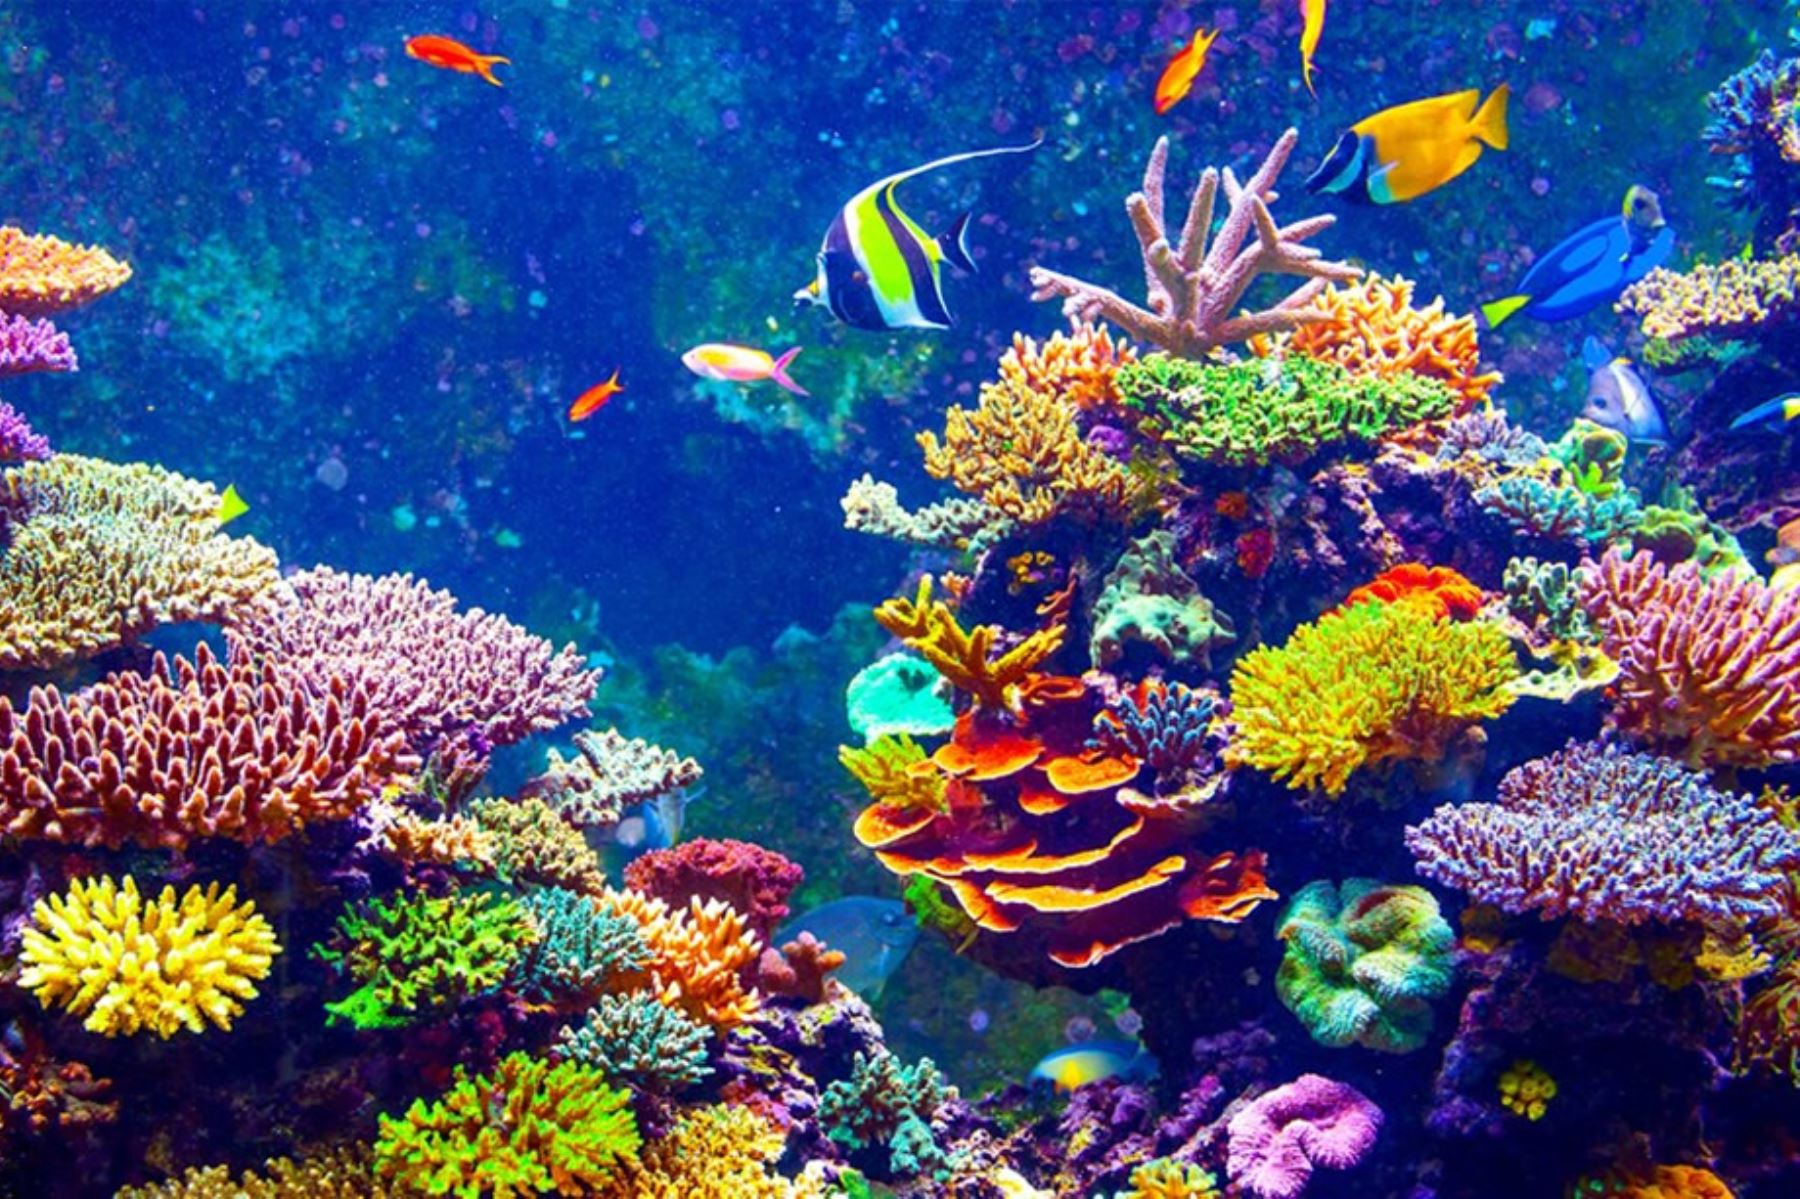 Belice recibió 125 millones de dólares para arrecifes de coral